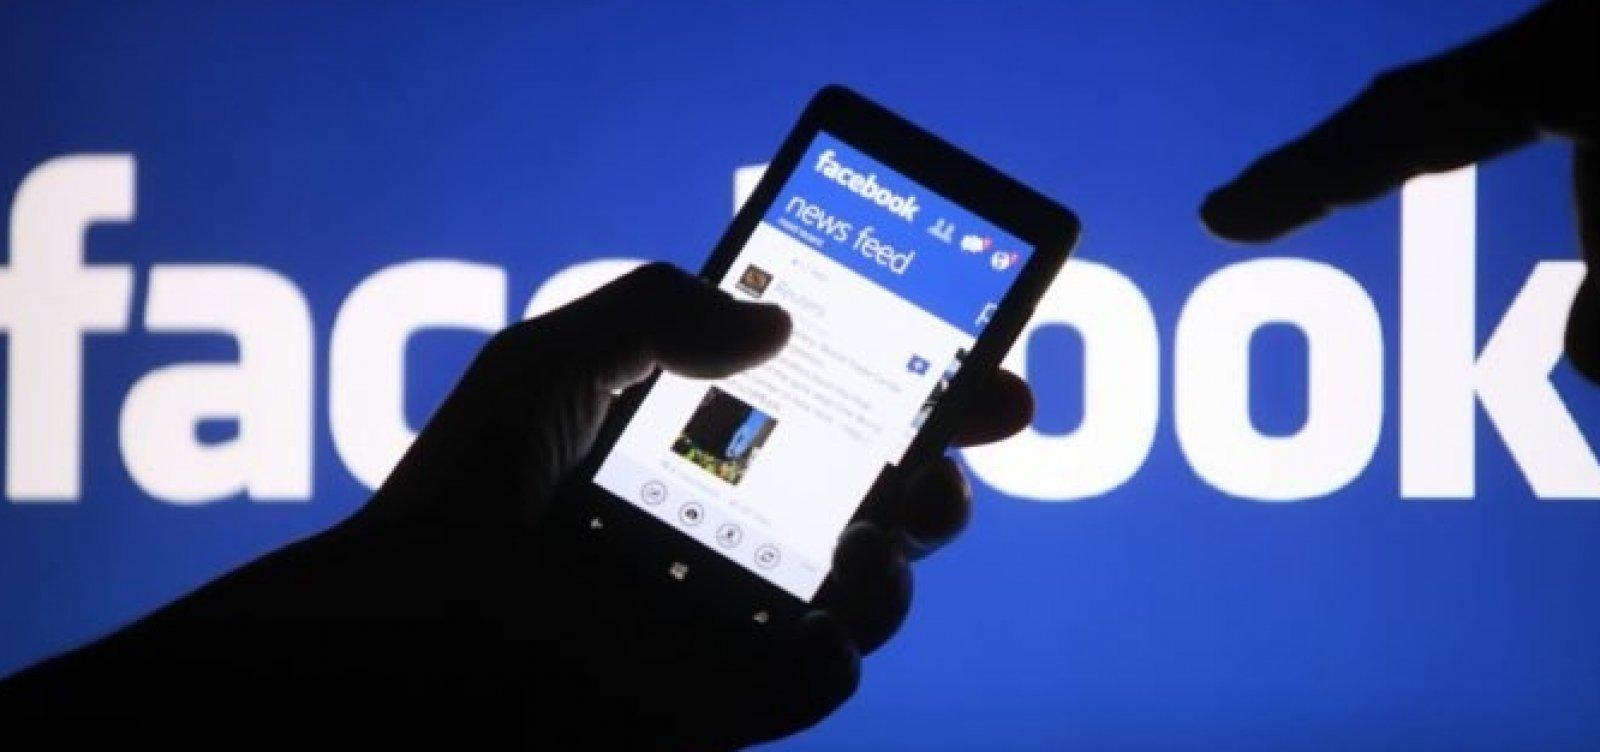 'Fake news' provocam mais engajamento do que mídia tradicional no Facebook